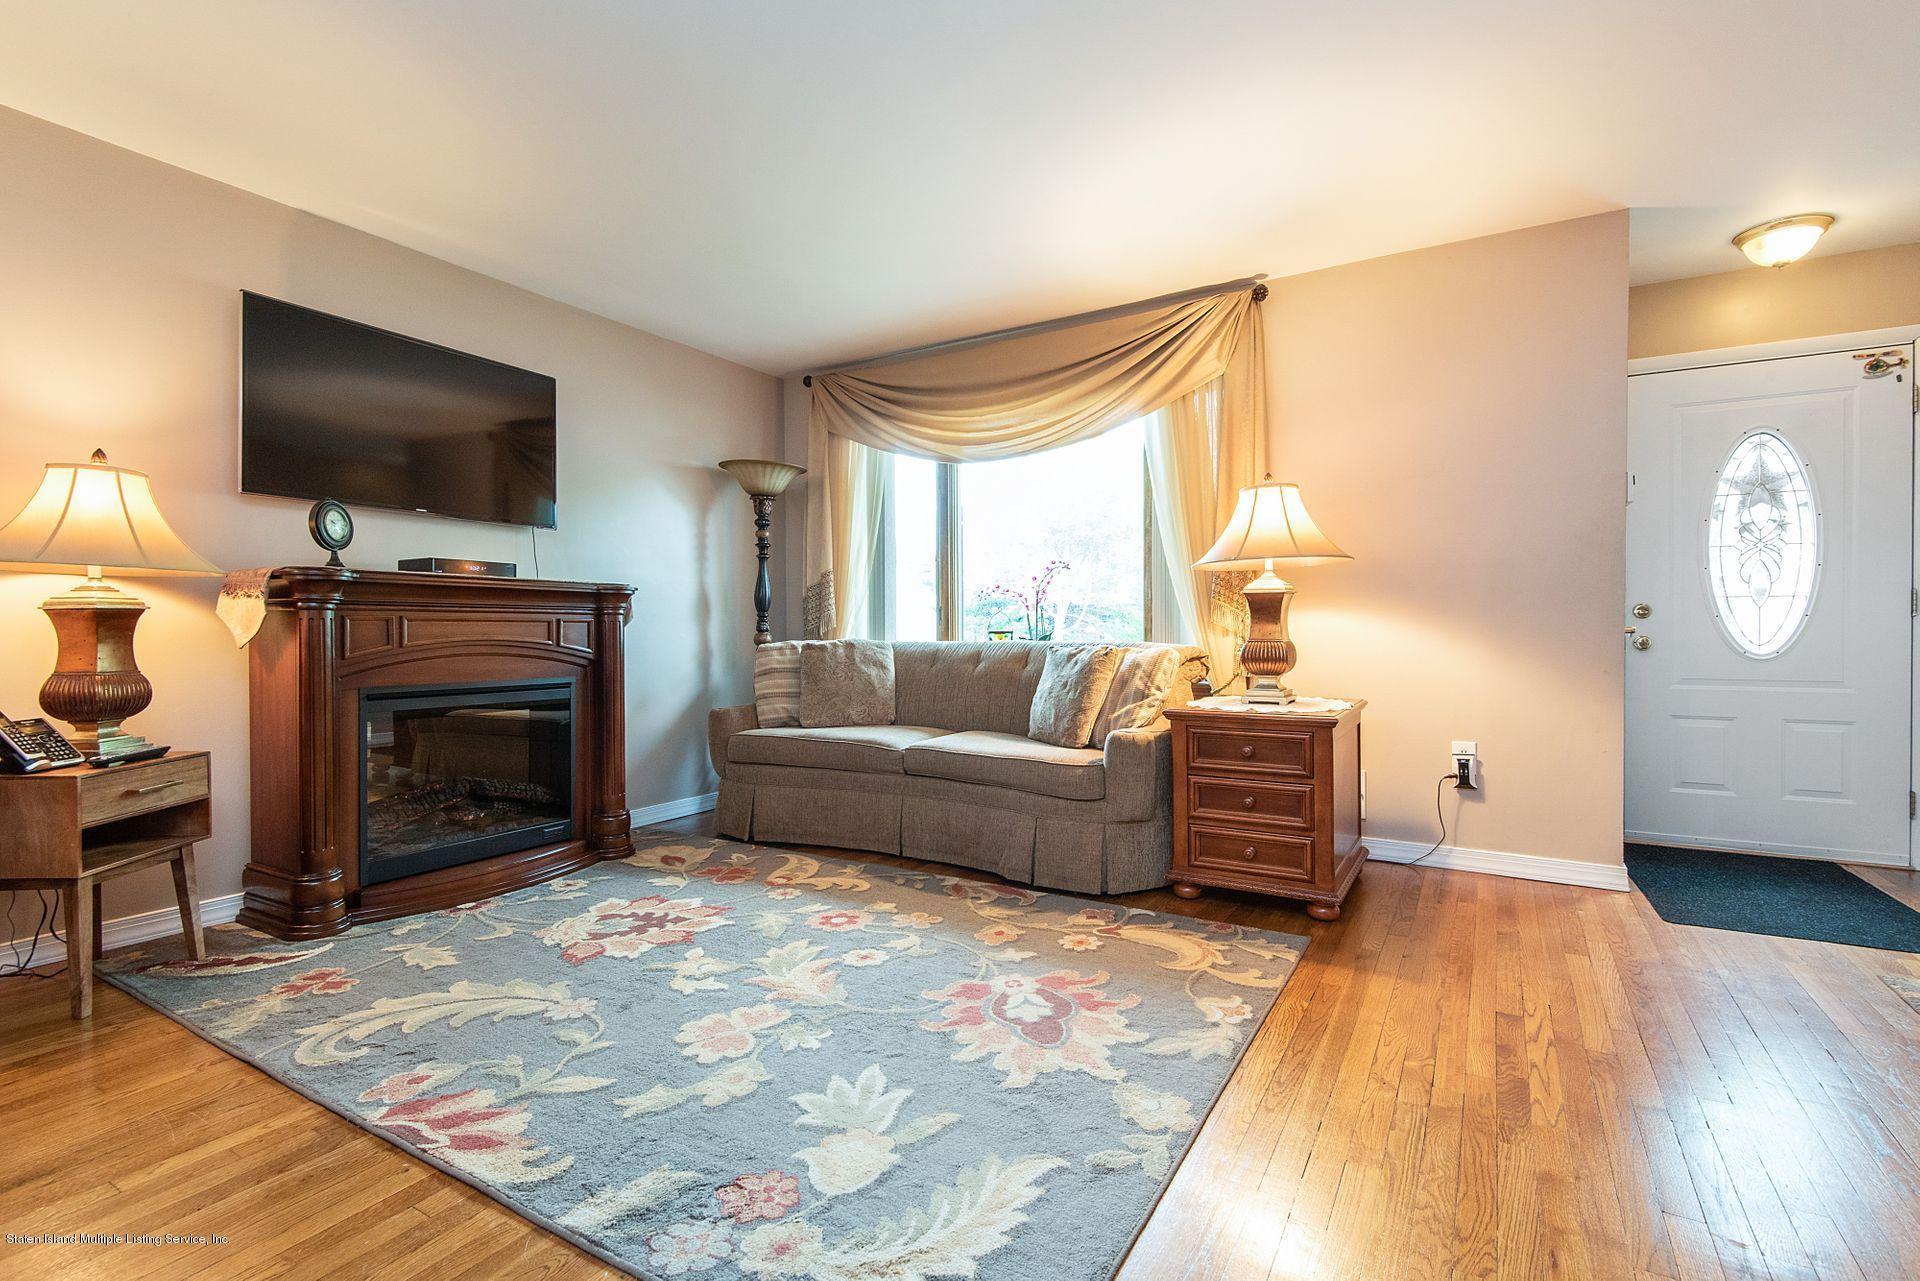 Single Family - Semi-Attached 69 Moffett Street  Staten Island, NY 10312, MLS-1131934-2